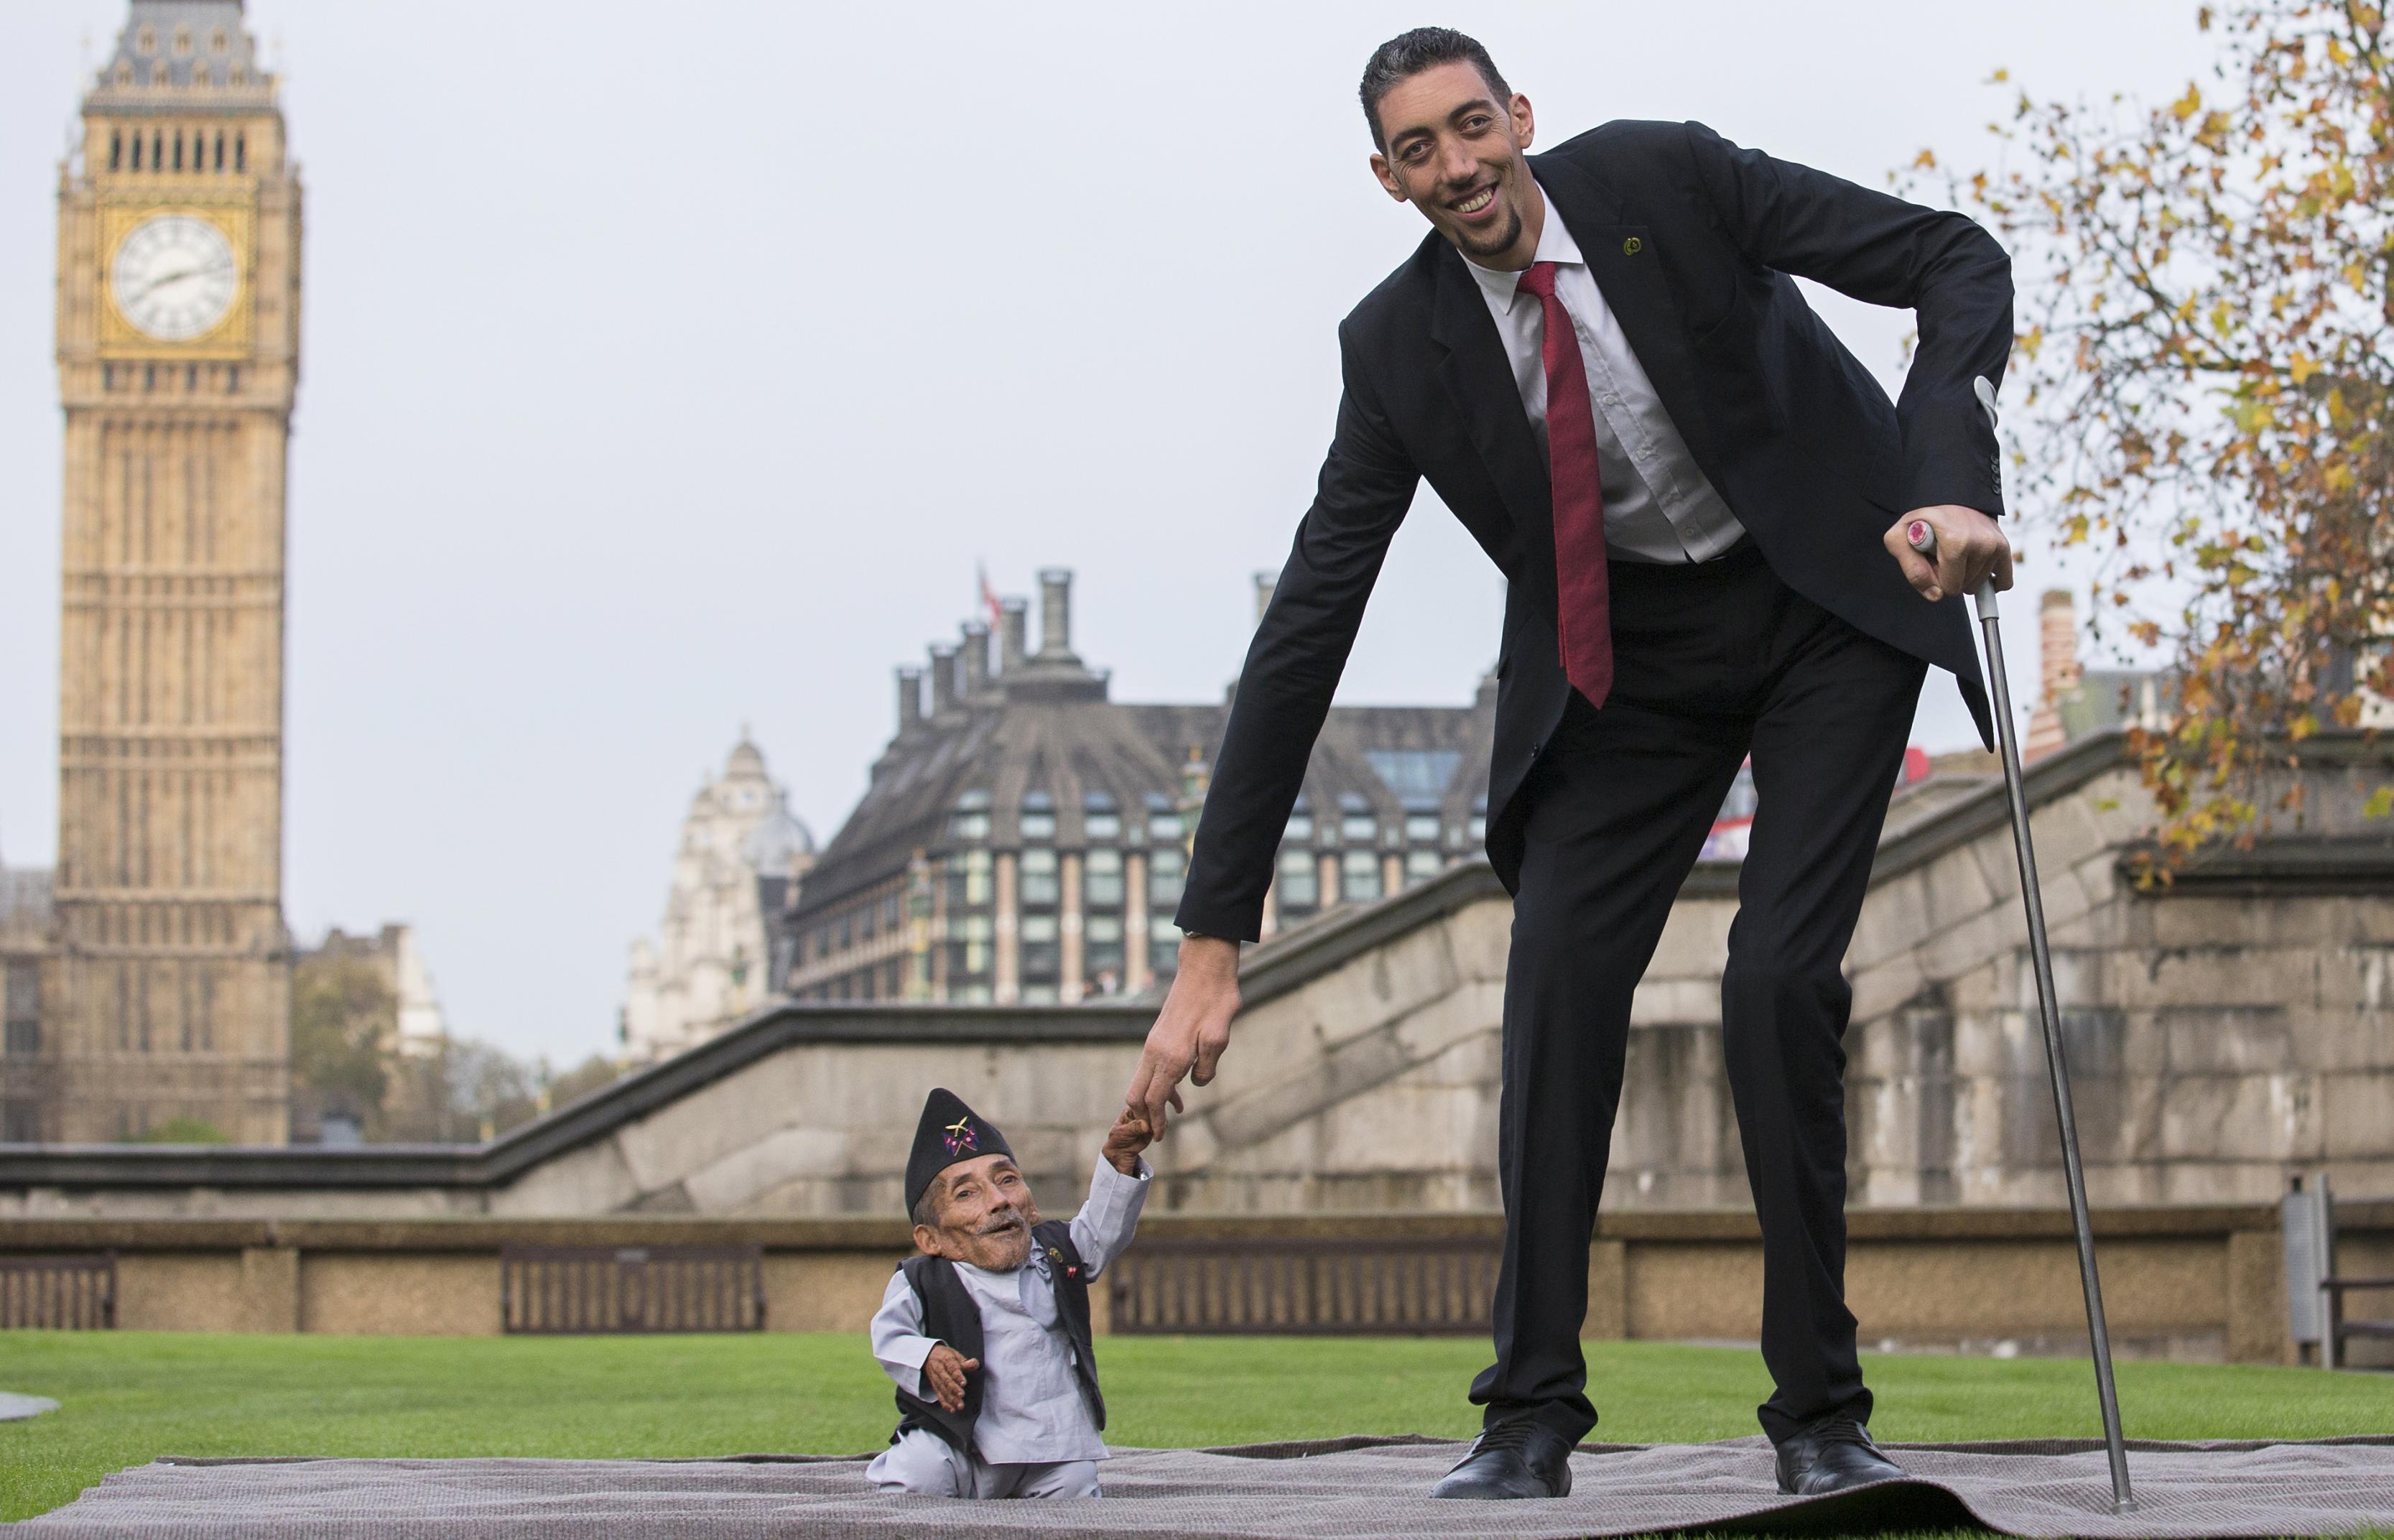 صورة اطول رجل بالعالم , هل شاهدت اطول رجل فى العالم من قبل